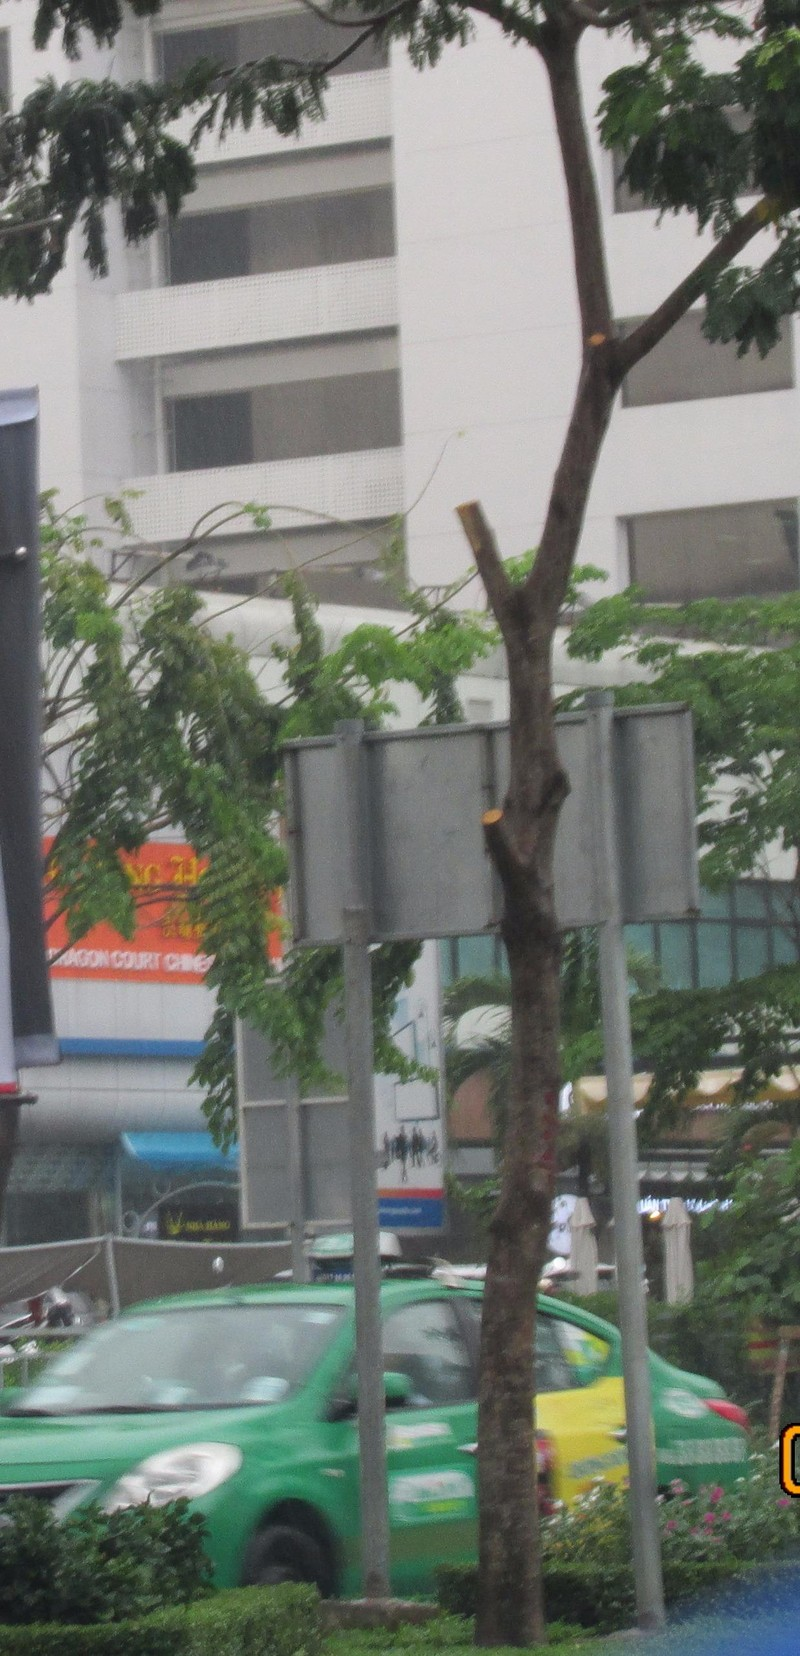 Nhóm người bí ẩn cắt trụi hàng cây ở đường Trường Sơn - ảnh 2